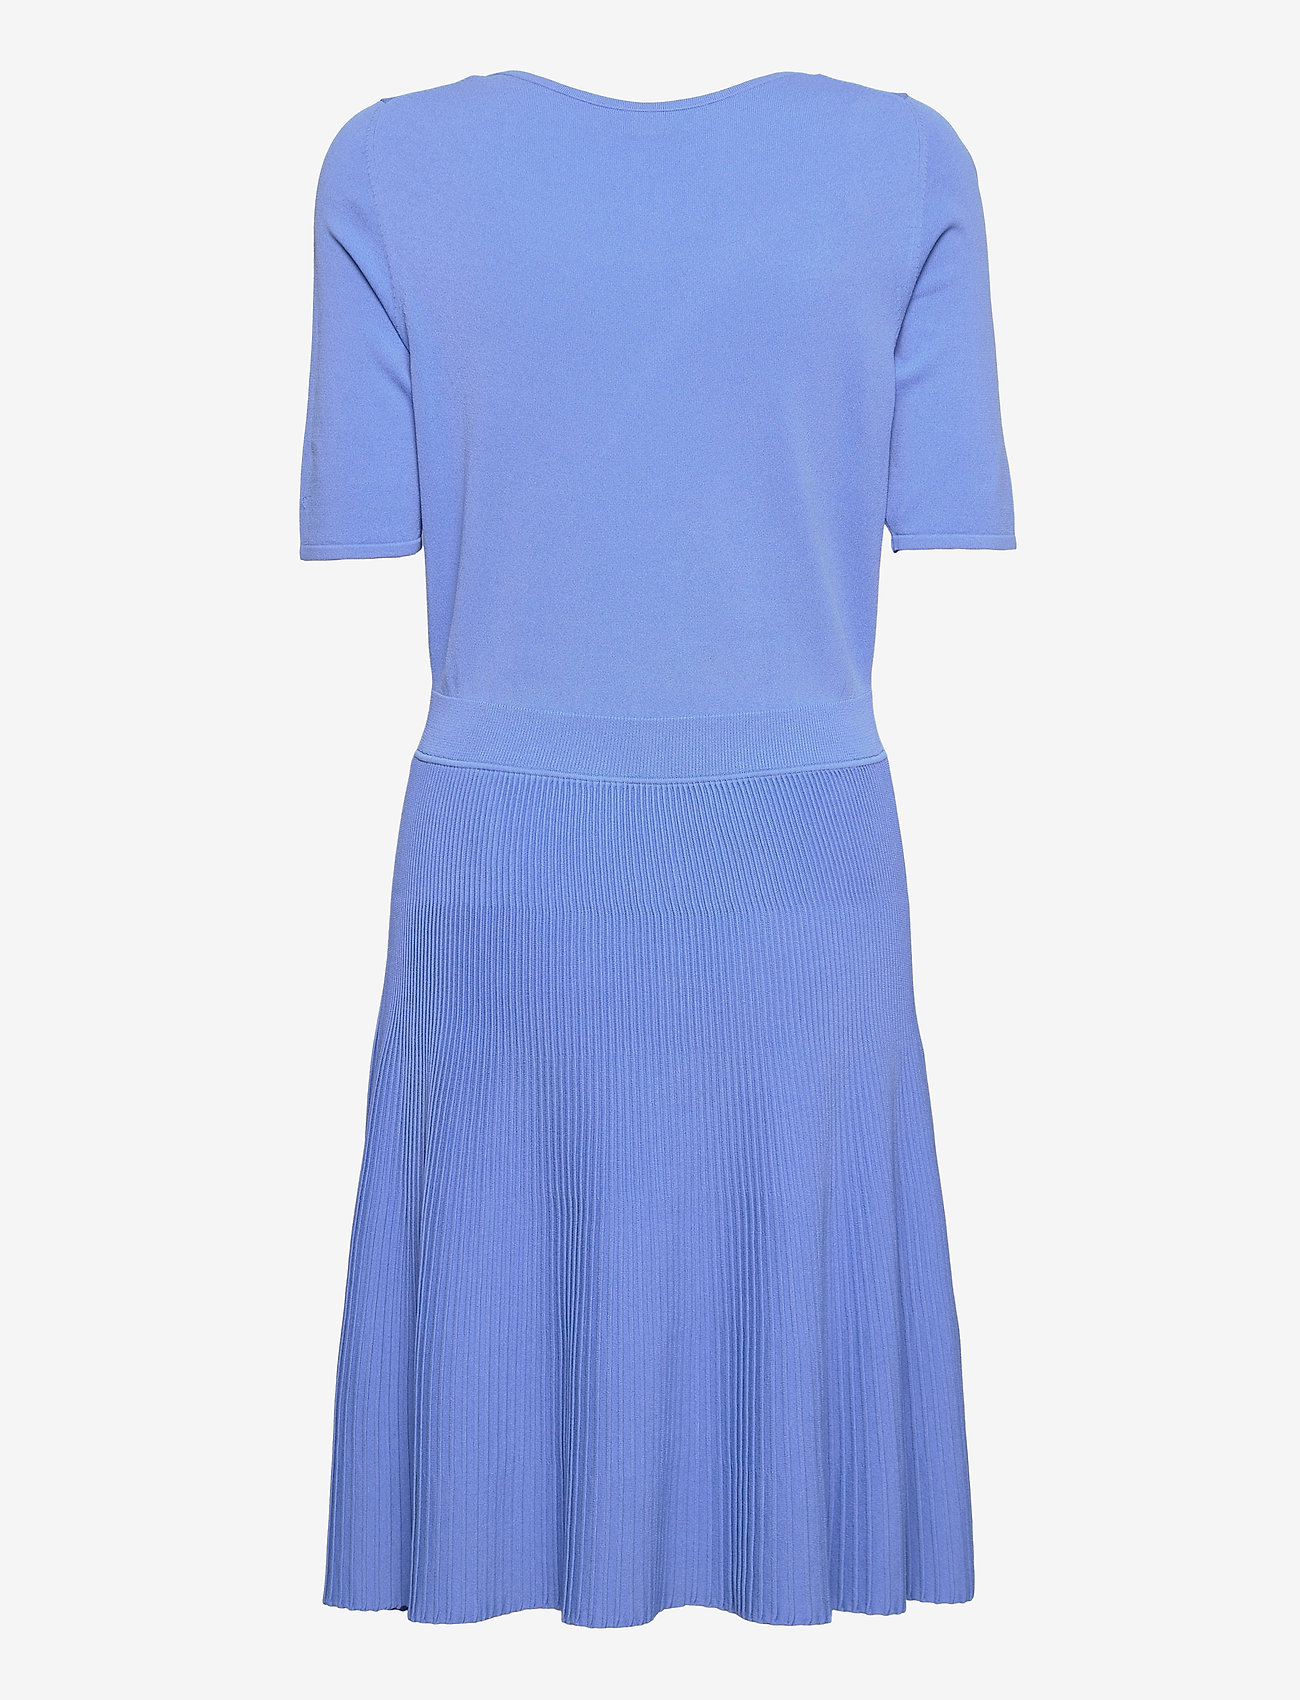 HUGO - Shanequa - robes en maille - turquoise/aqua - 1